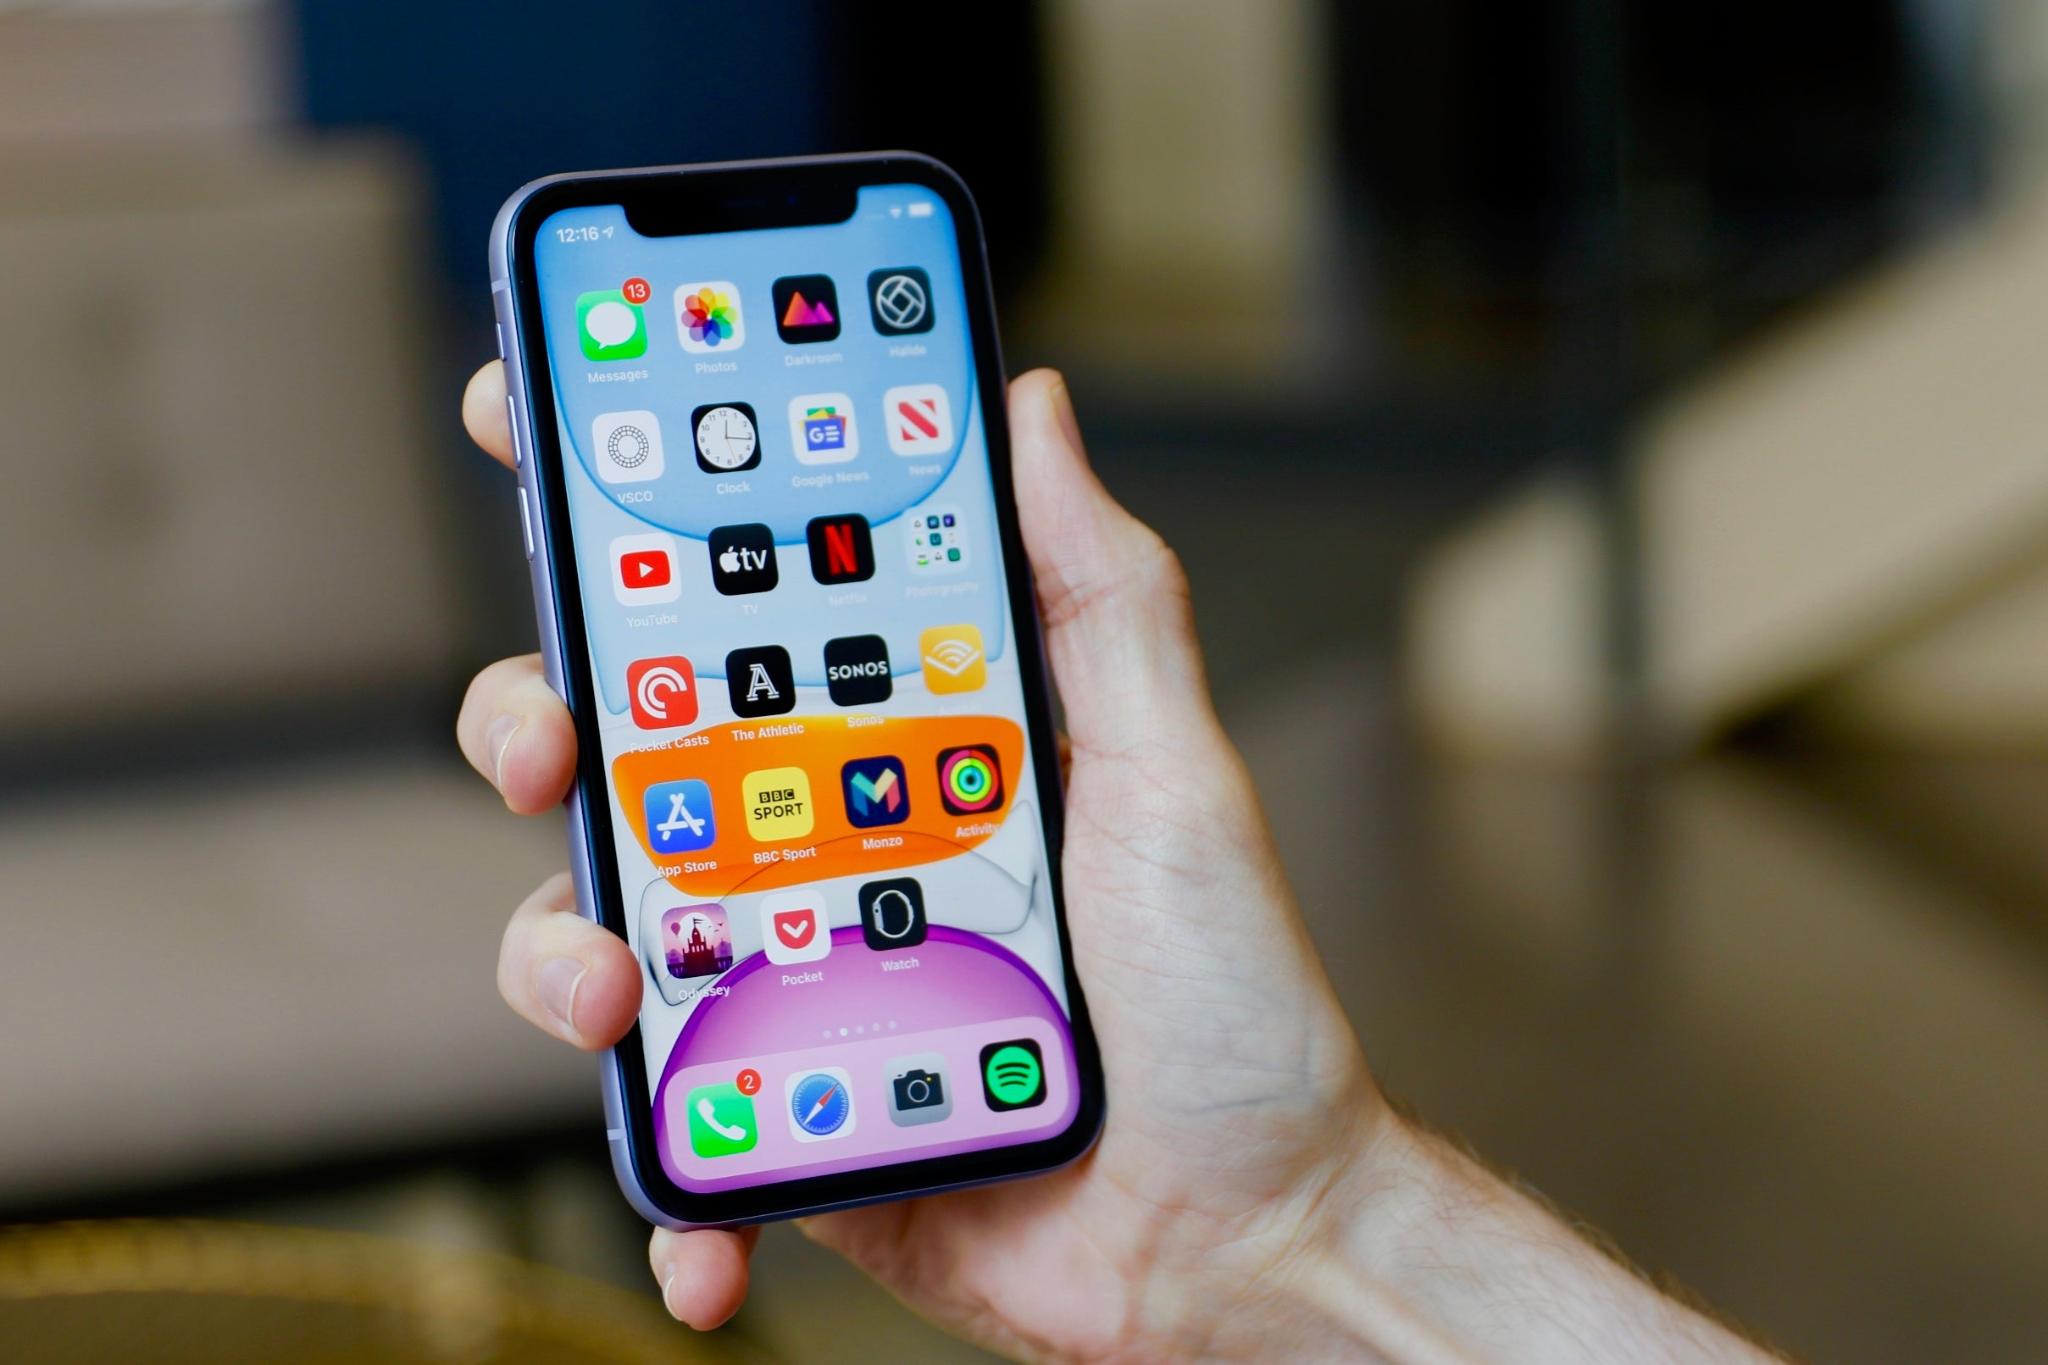 MobileWorld cửa hàng bán iPhone uy tín, chất lượng.